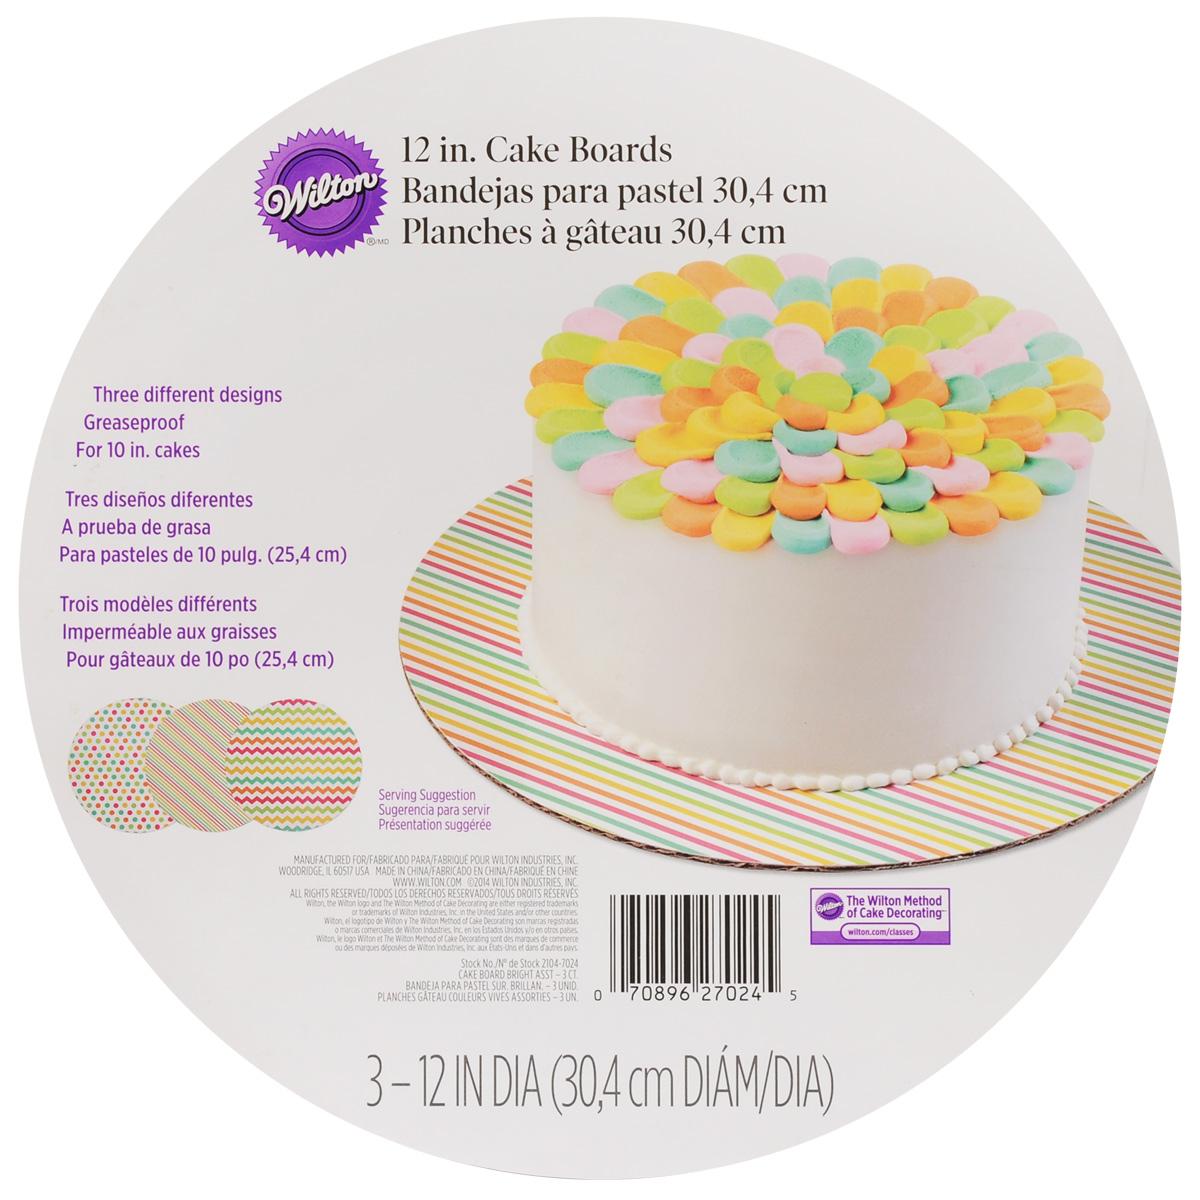 Основа для торта Wilton, диаметр 30,5 см, 3 шт2127_красныйКруглая основа для торта Wilton изготовлена из гофрированного картона с жиронепроницаемым покрытием, оформленным красочным принтом. Изделие предназначено для угощений и закусок (тортов, пирожных, канапе). Основа удобна для работы, перекладывания коржей, хранения и переноски торта. В комплекте 3 основы. Диаметр: 30,5 см.